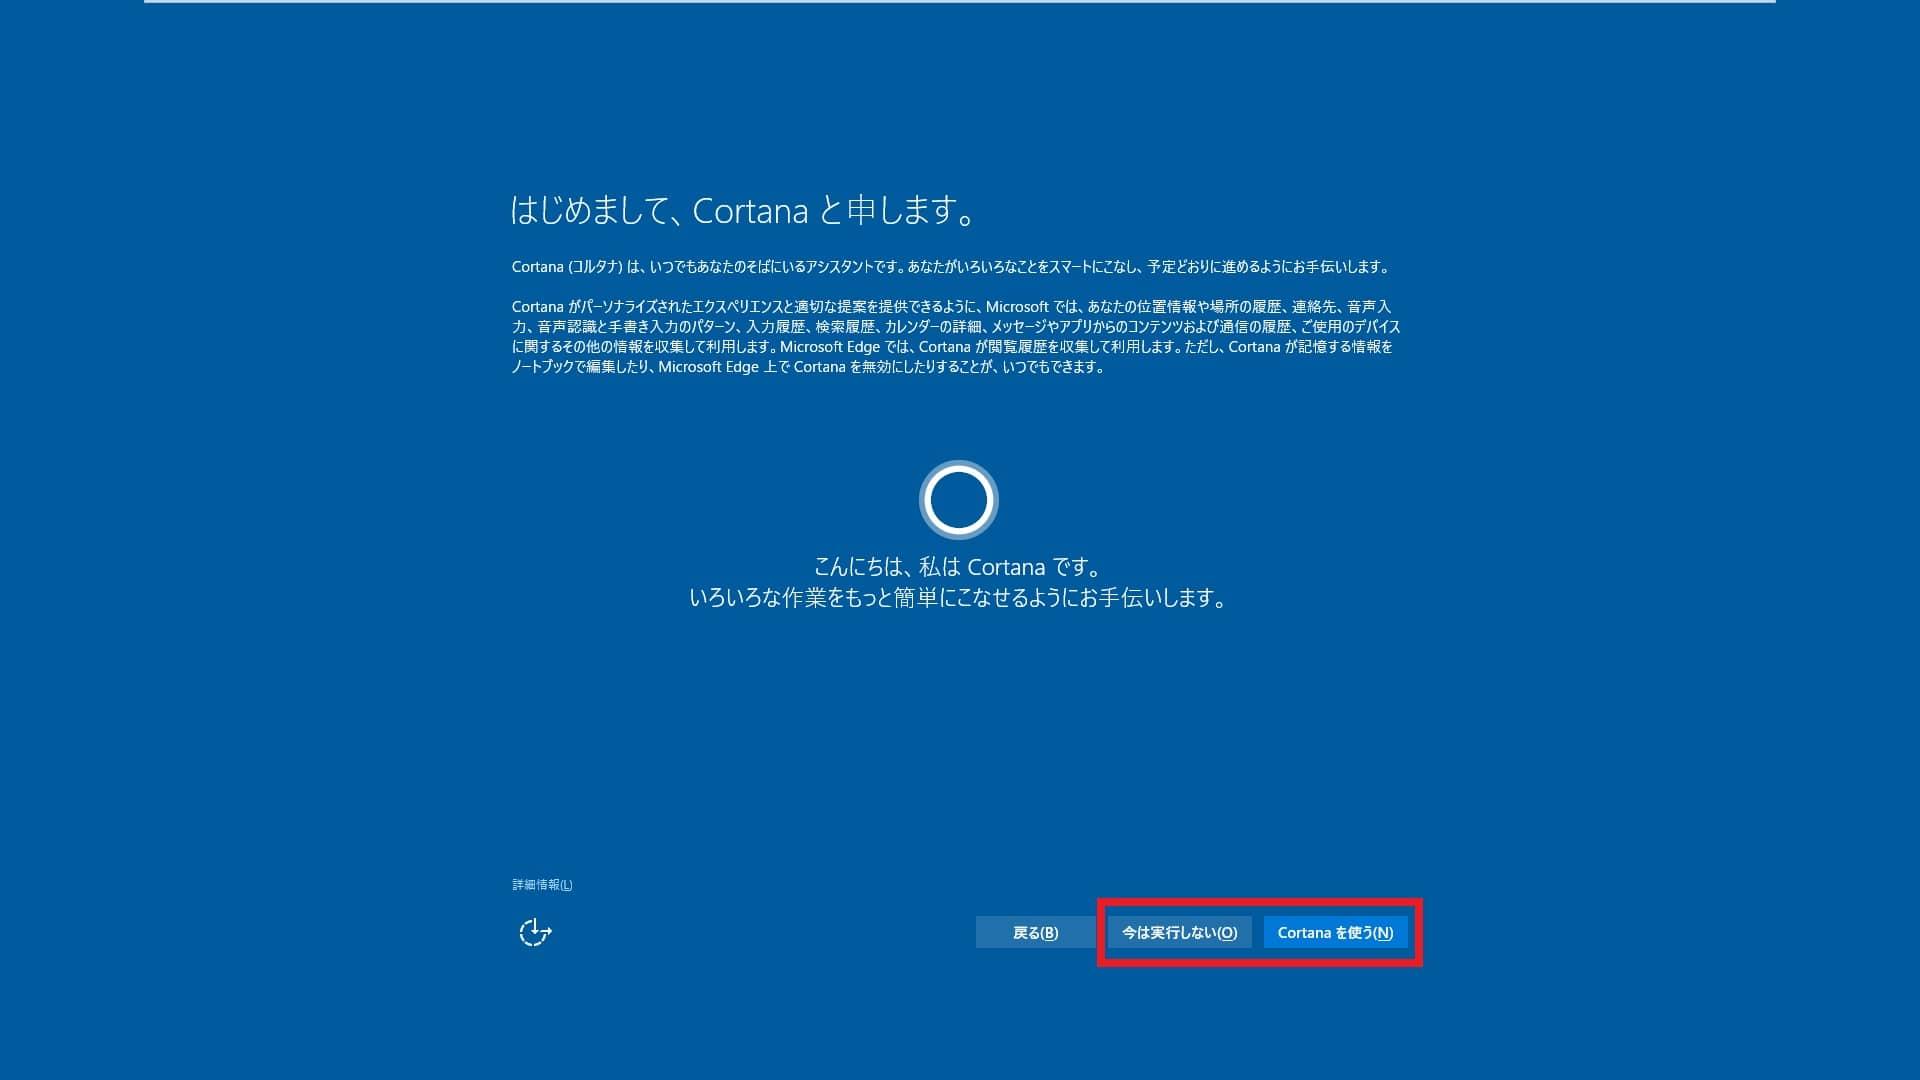 「Windows 10 更新アシスタント」を使用して「Windows 10 April 2018 ...